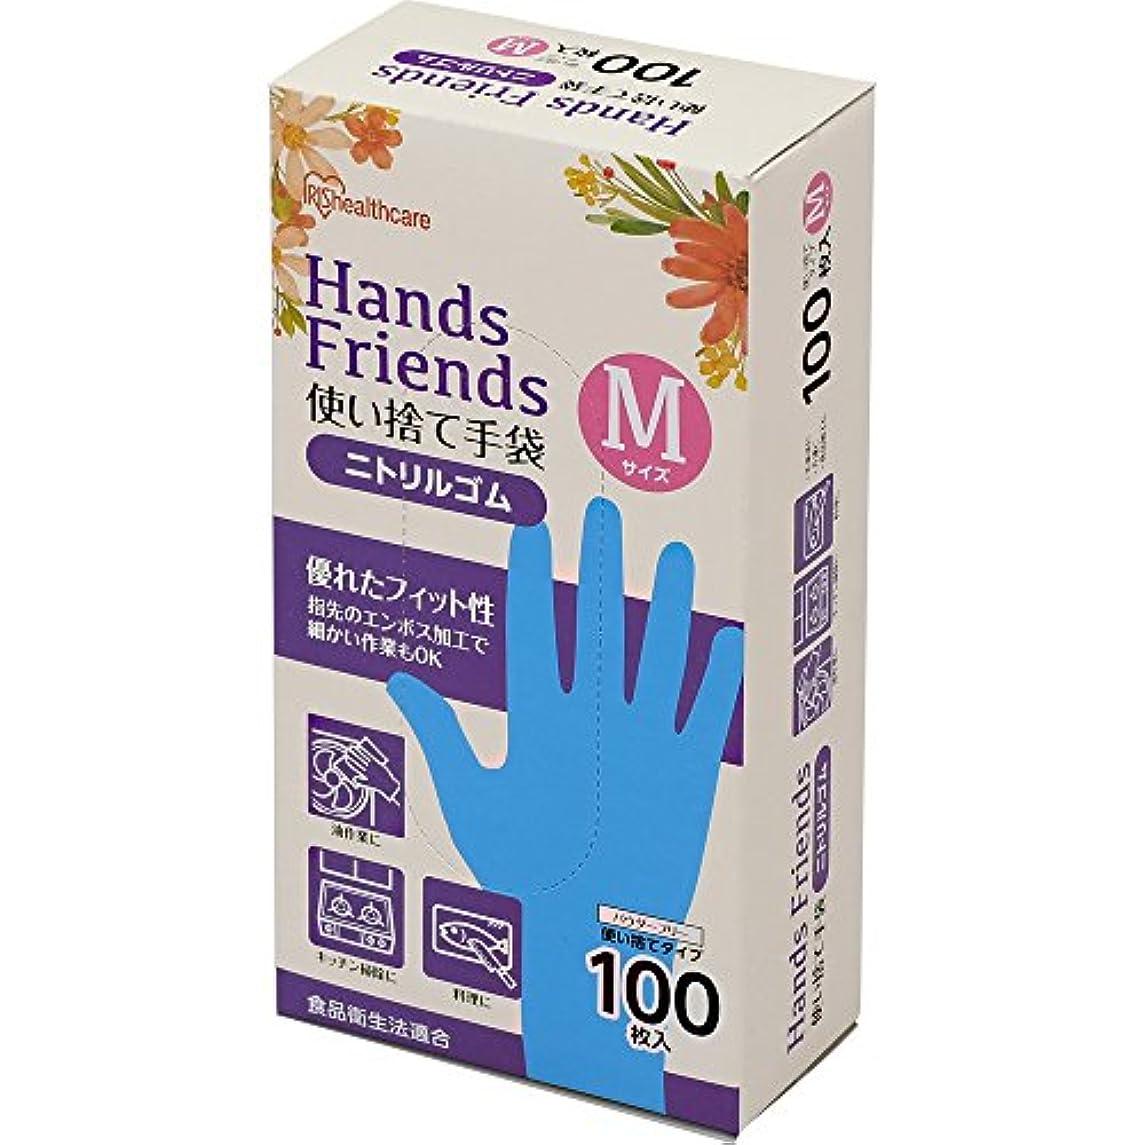 使い捨て手袋 ブルー ニトリルゴム 100枚 Mサイズ NBR-100M